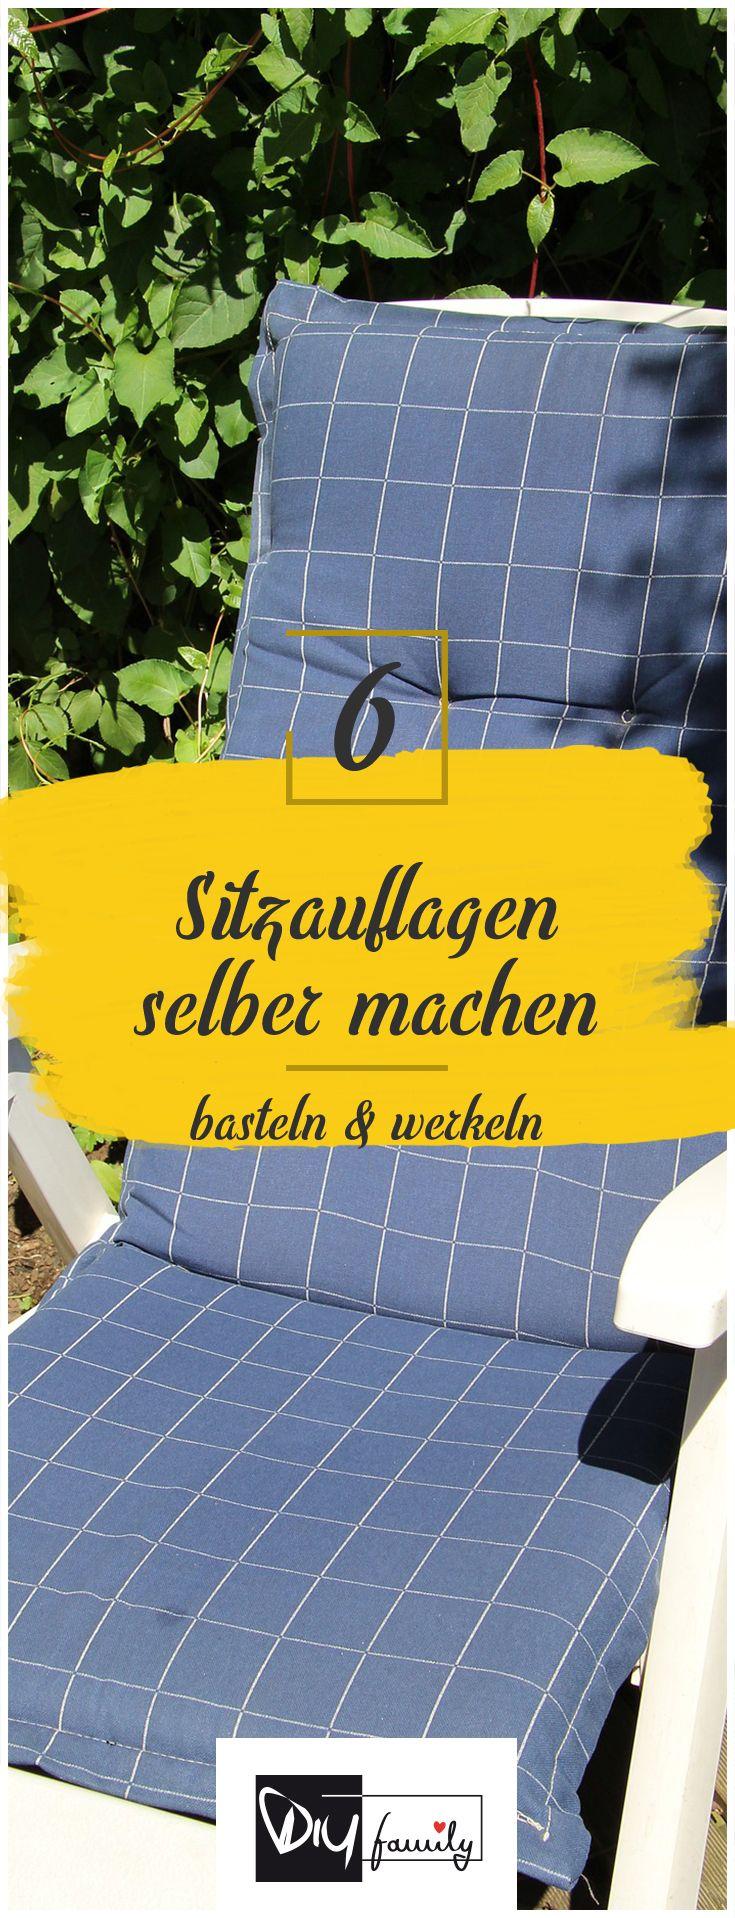 sitzauflagen und mehr 6 originelle ideen basteln werkeln kissenbezug n hen sitzauflagen. Black Bedroom Furniture Sets. Home Design Ideas